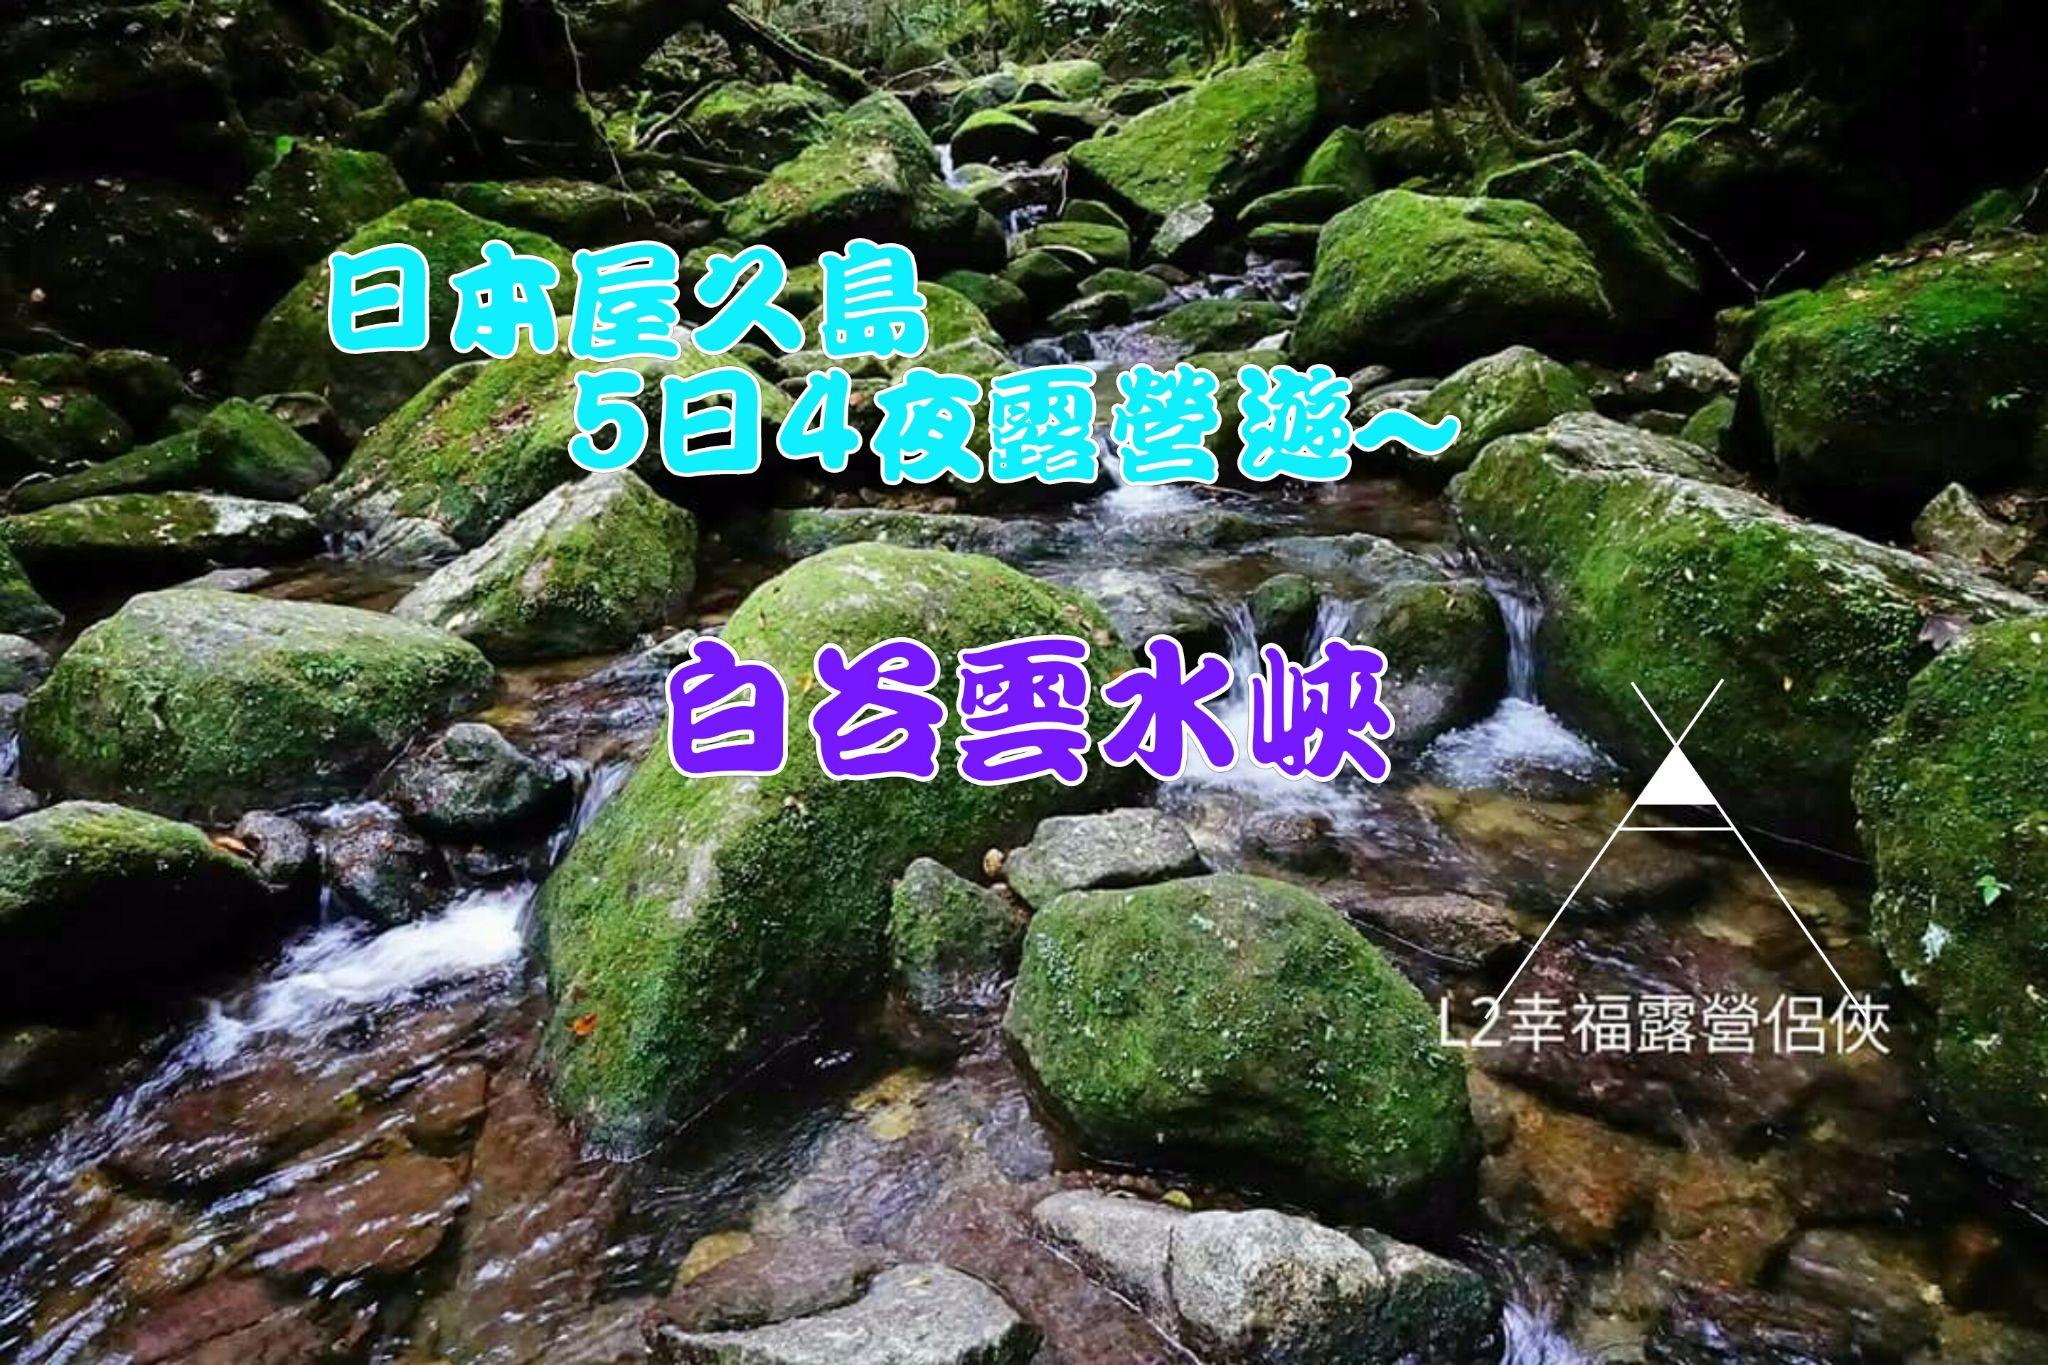 ブログ 雲水 潤 松本